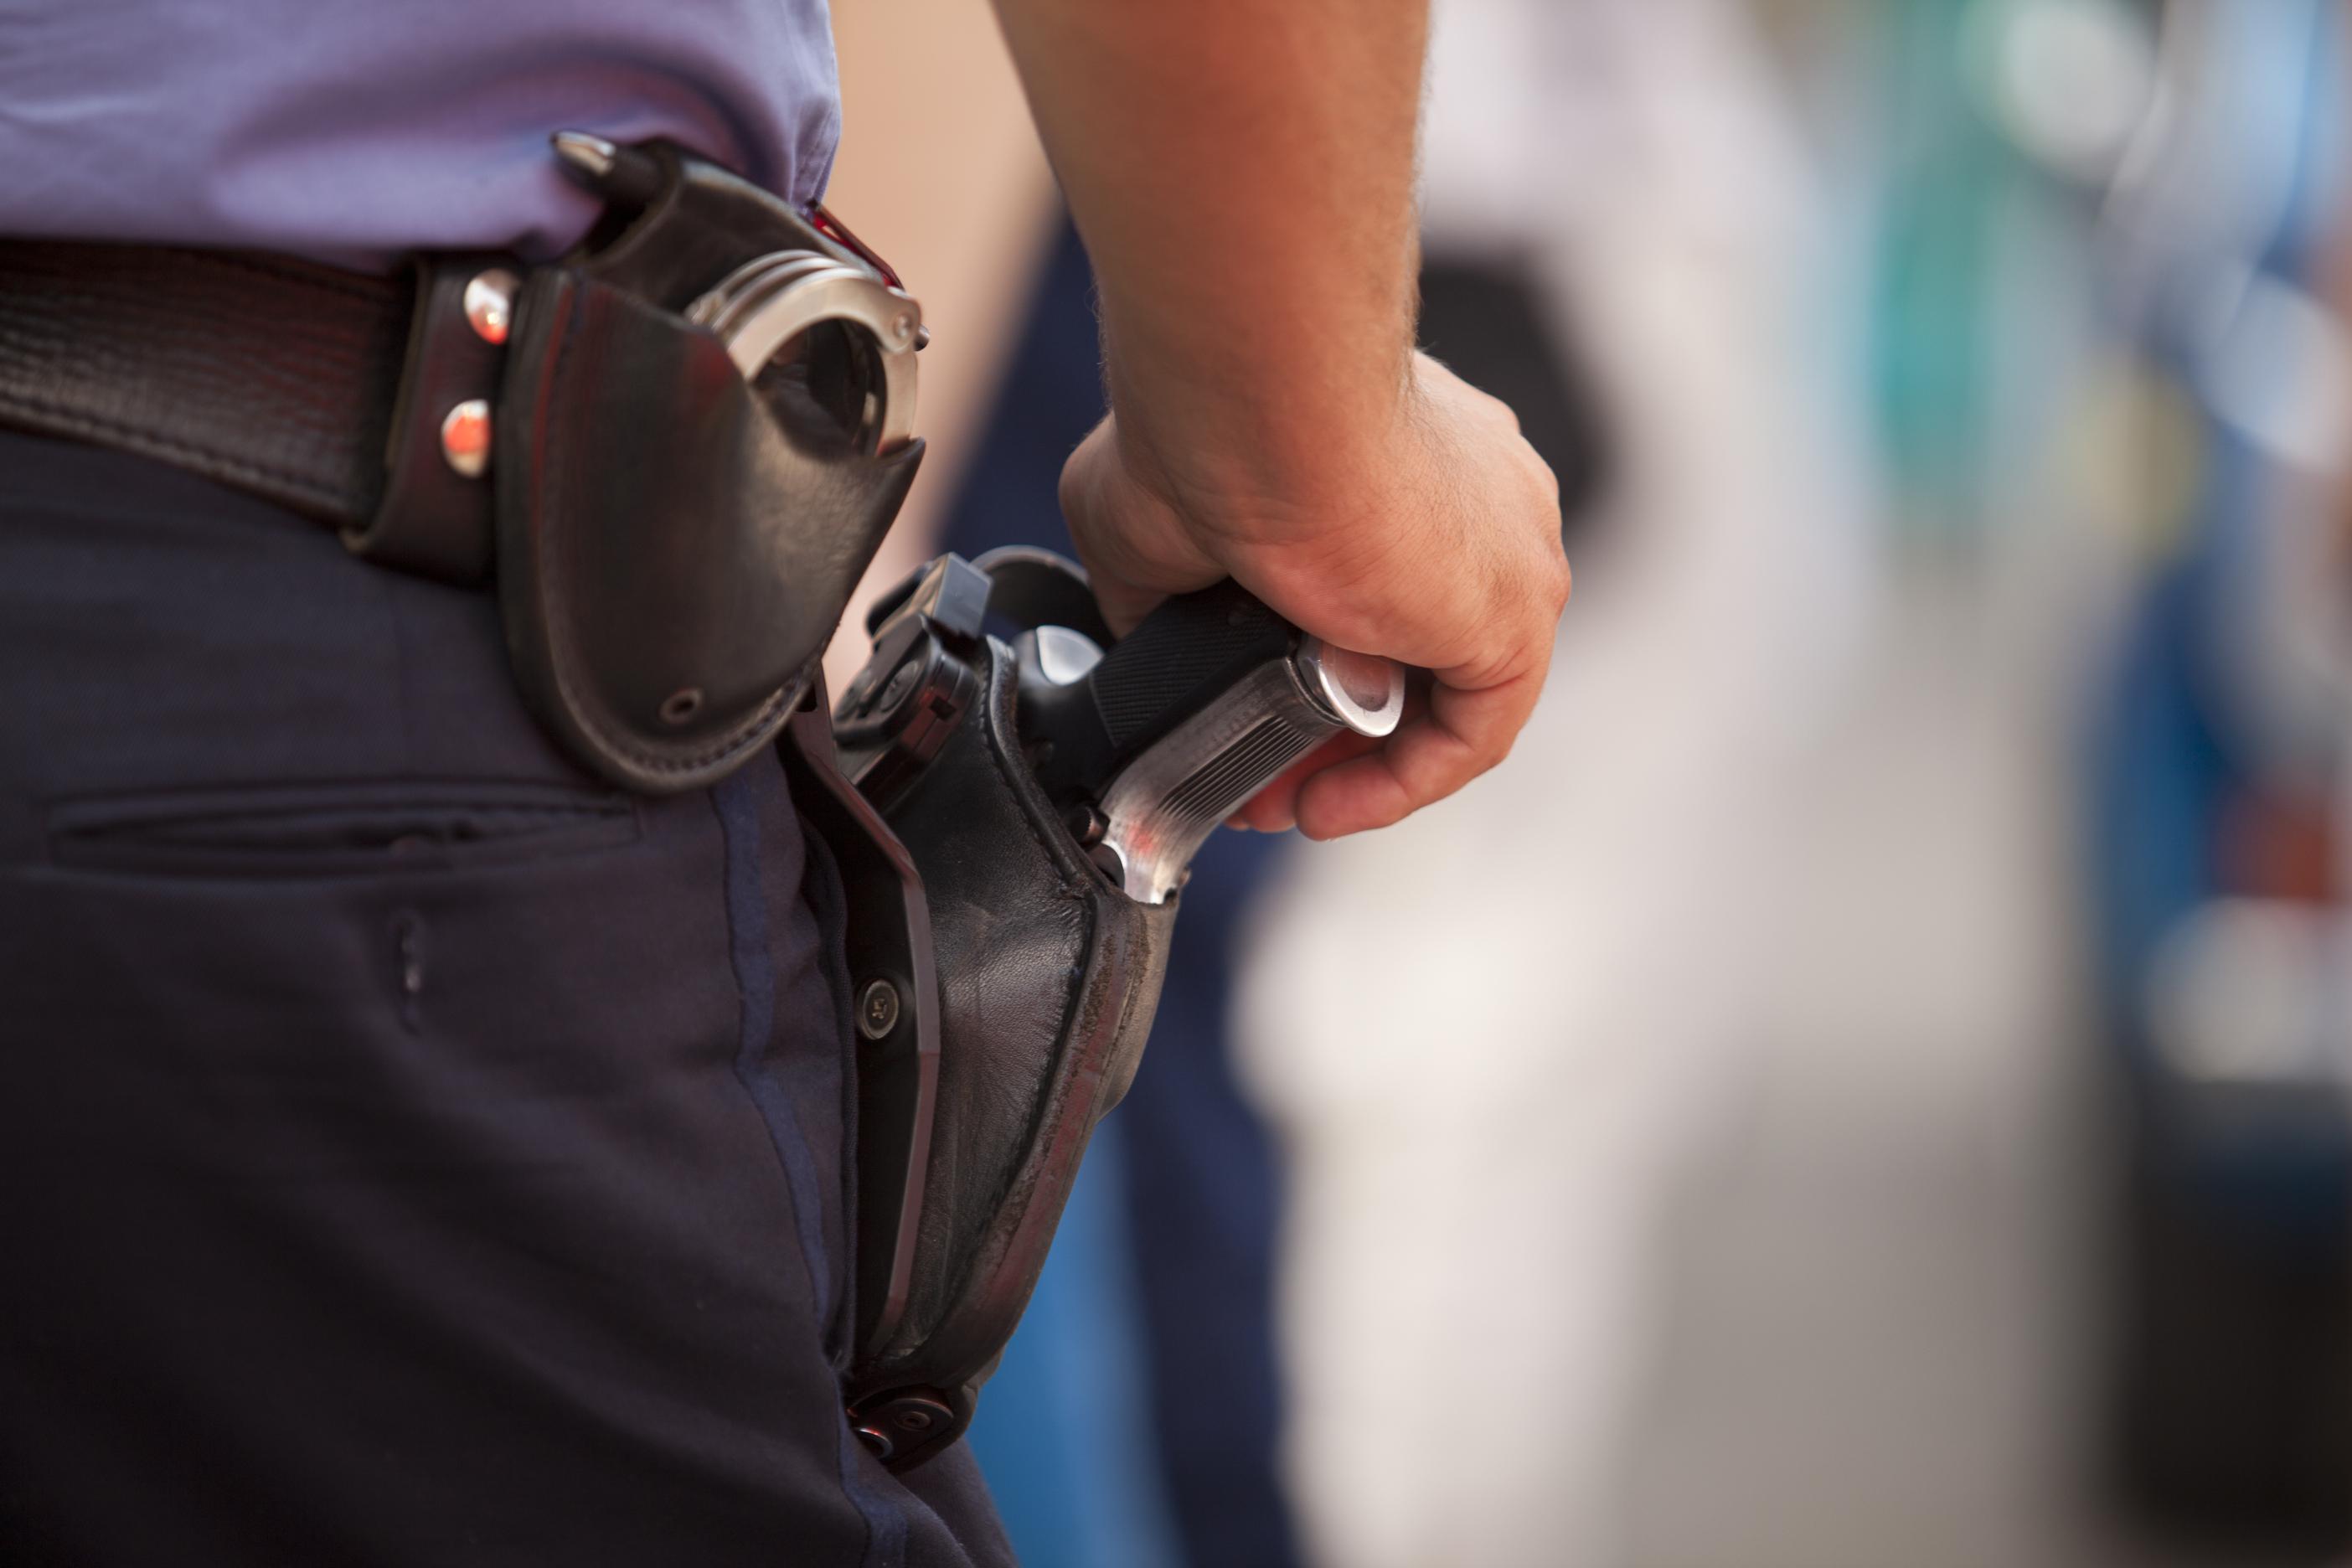 Armed_Officer.jpg